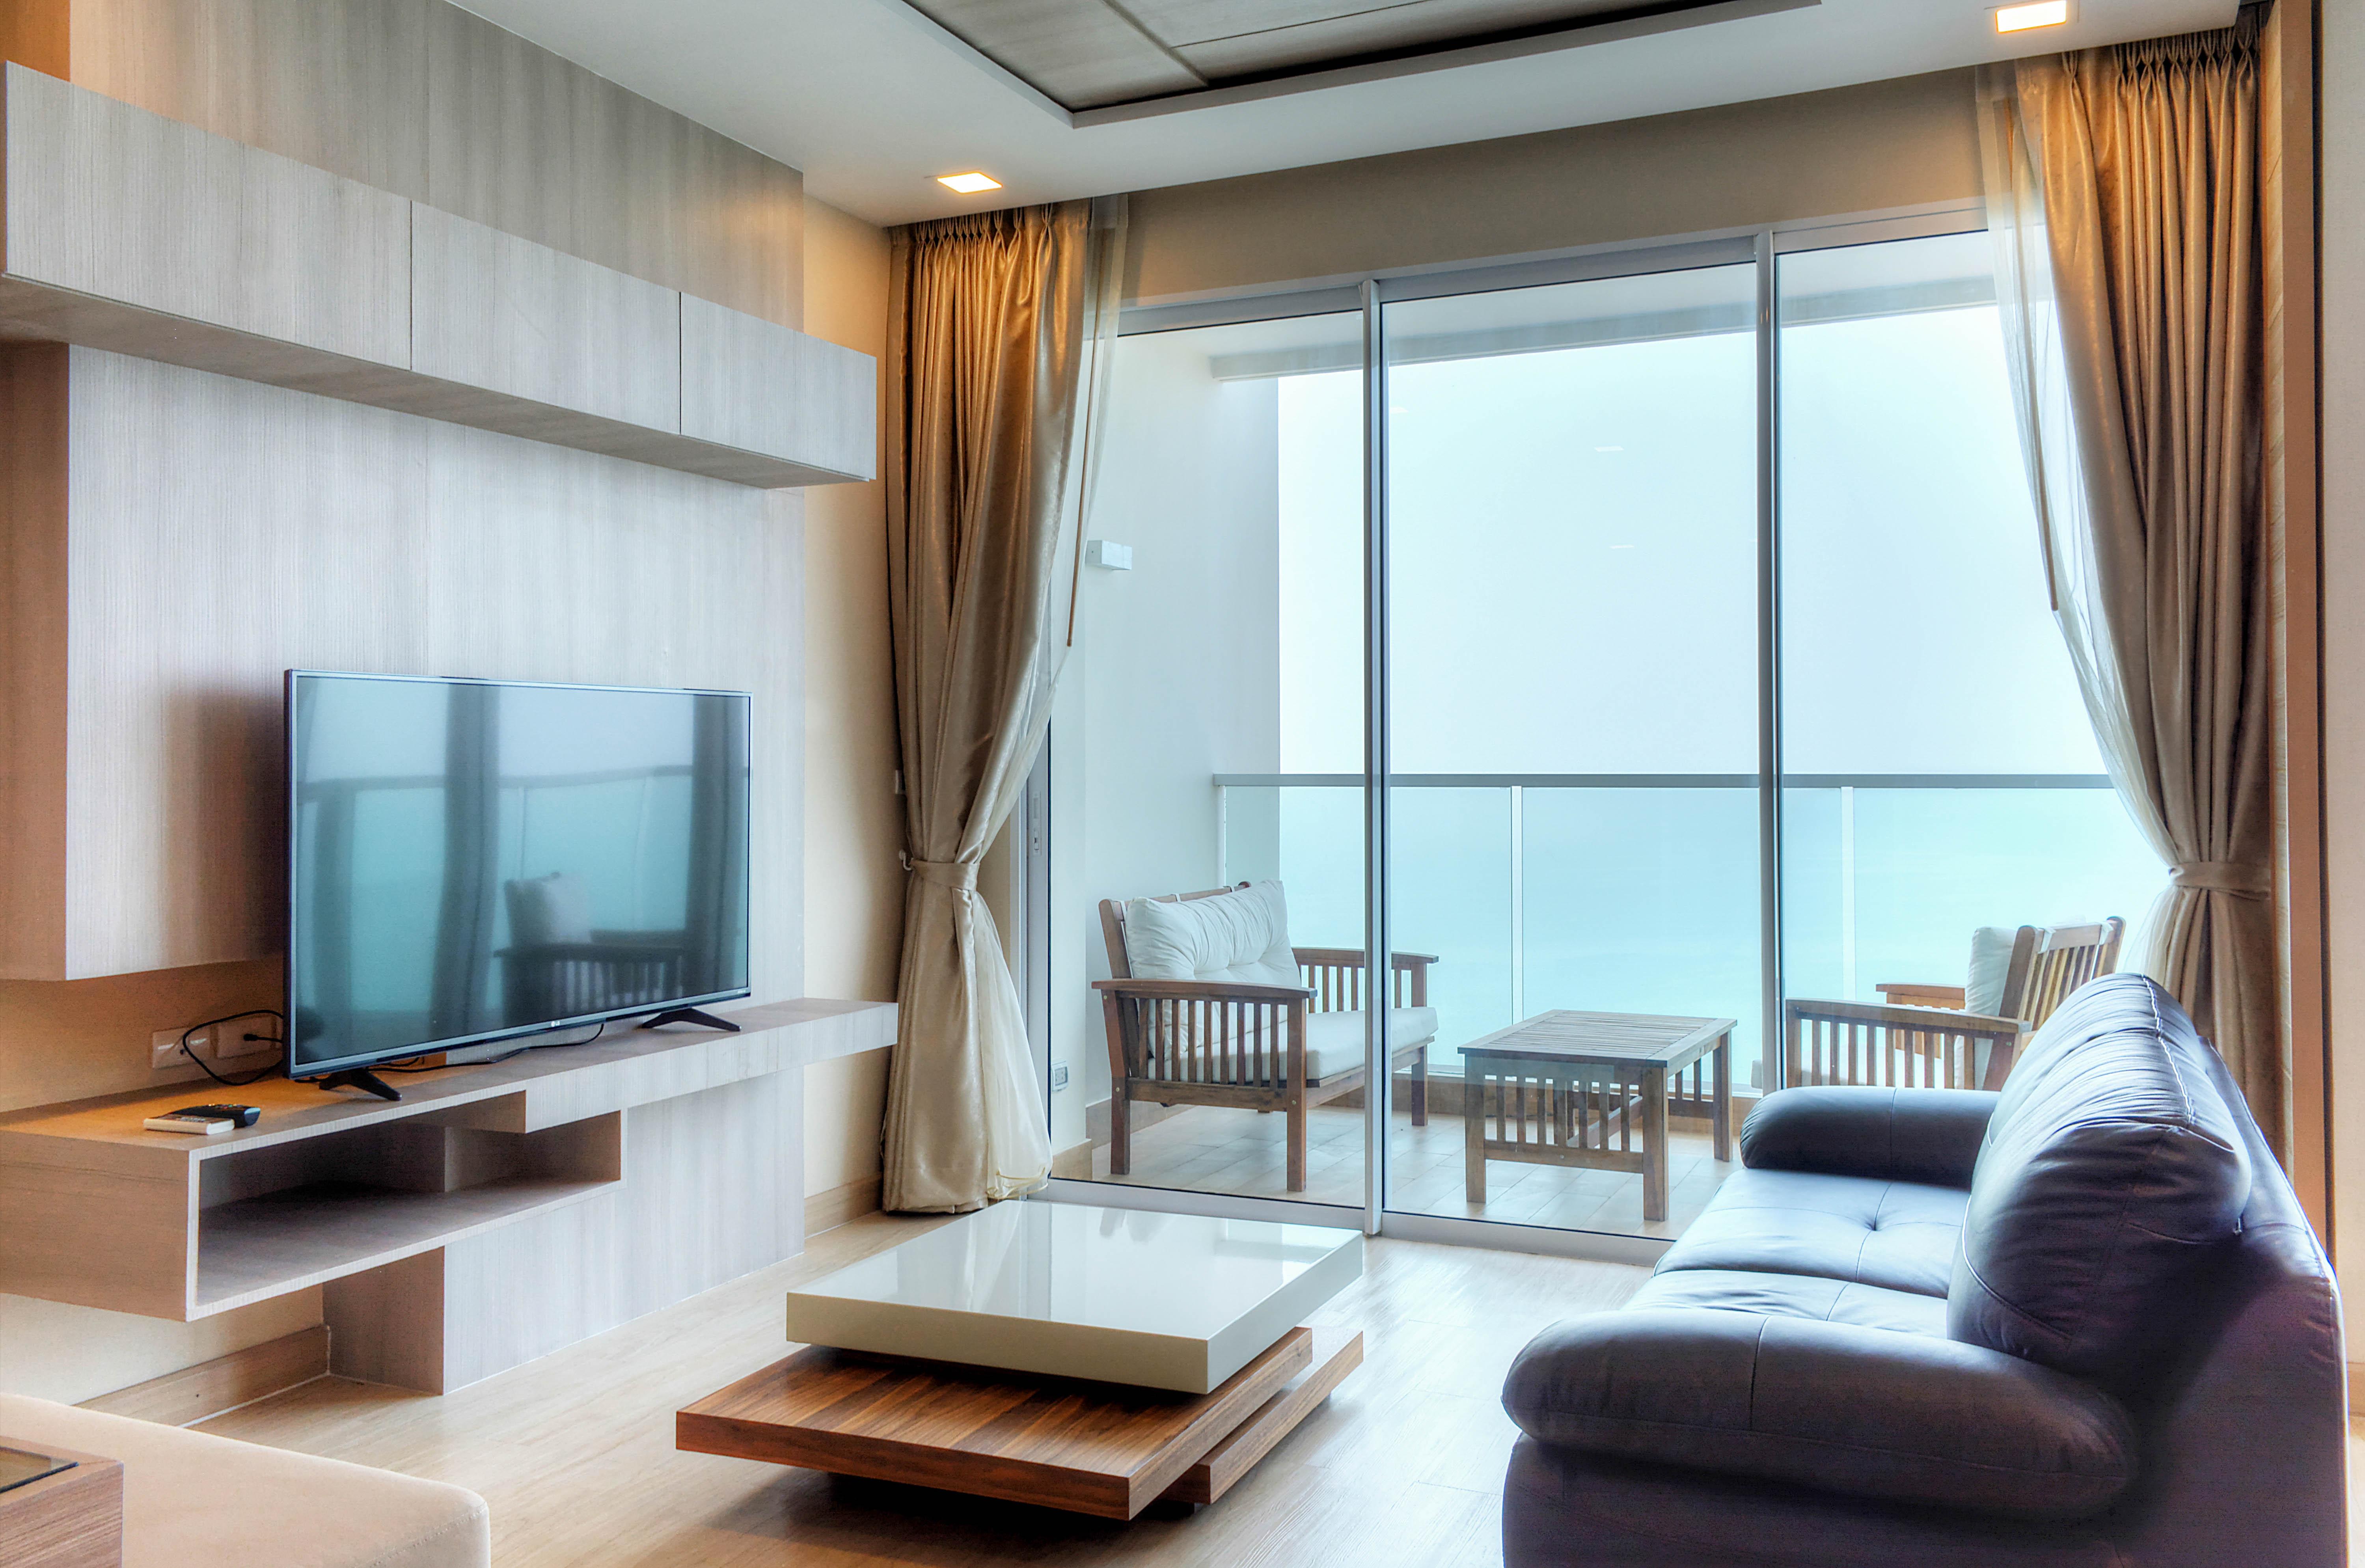 Cetus Beachfront Condominium